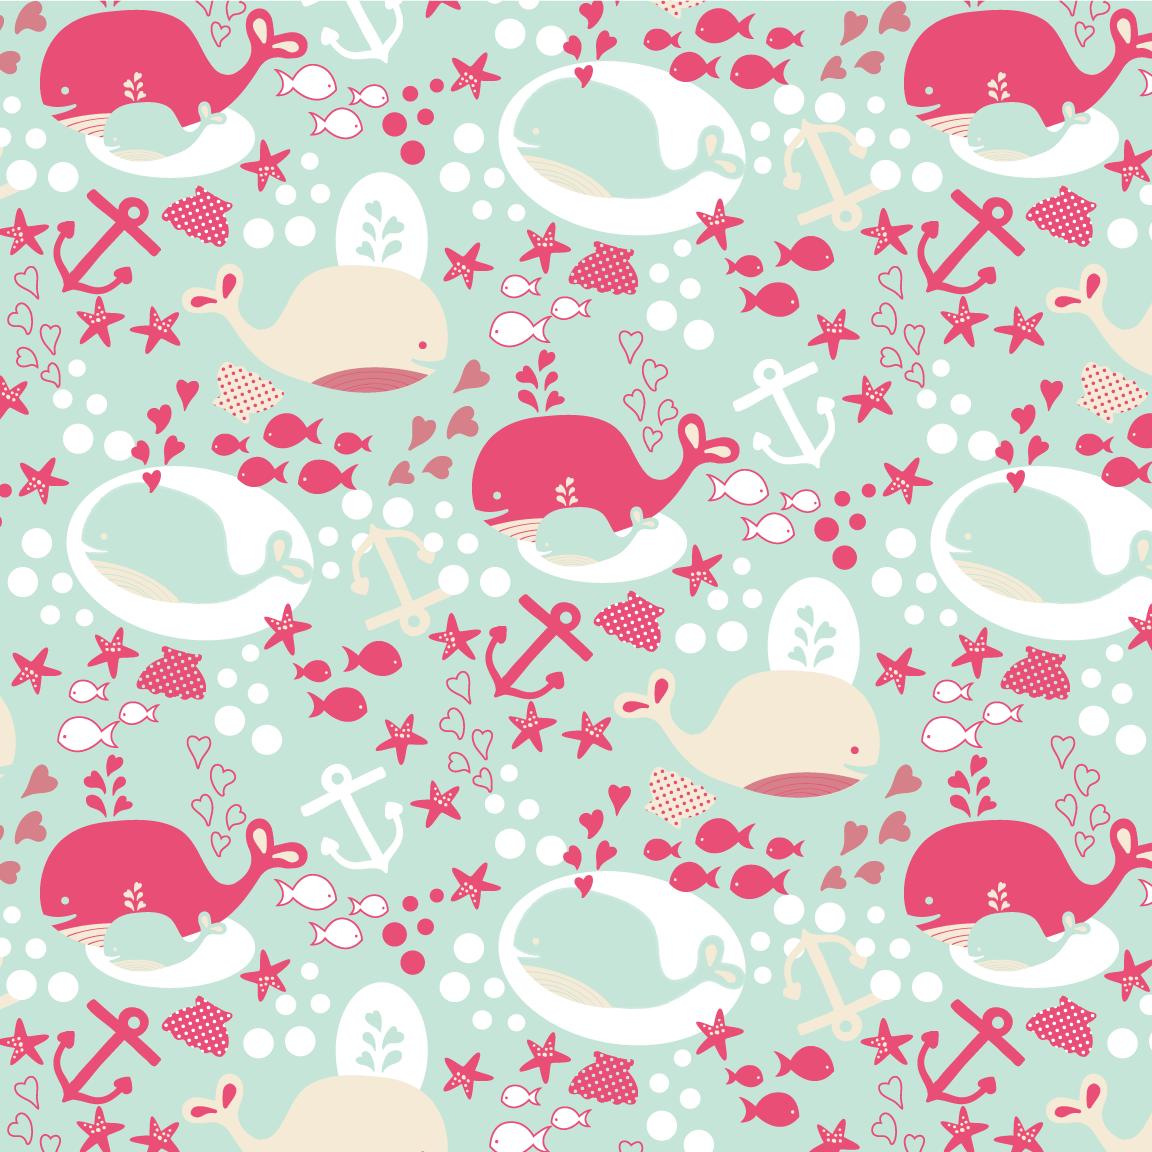 Bubblegum Whales